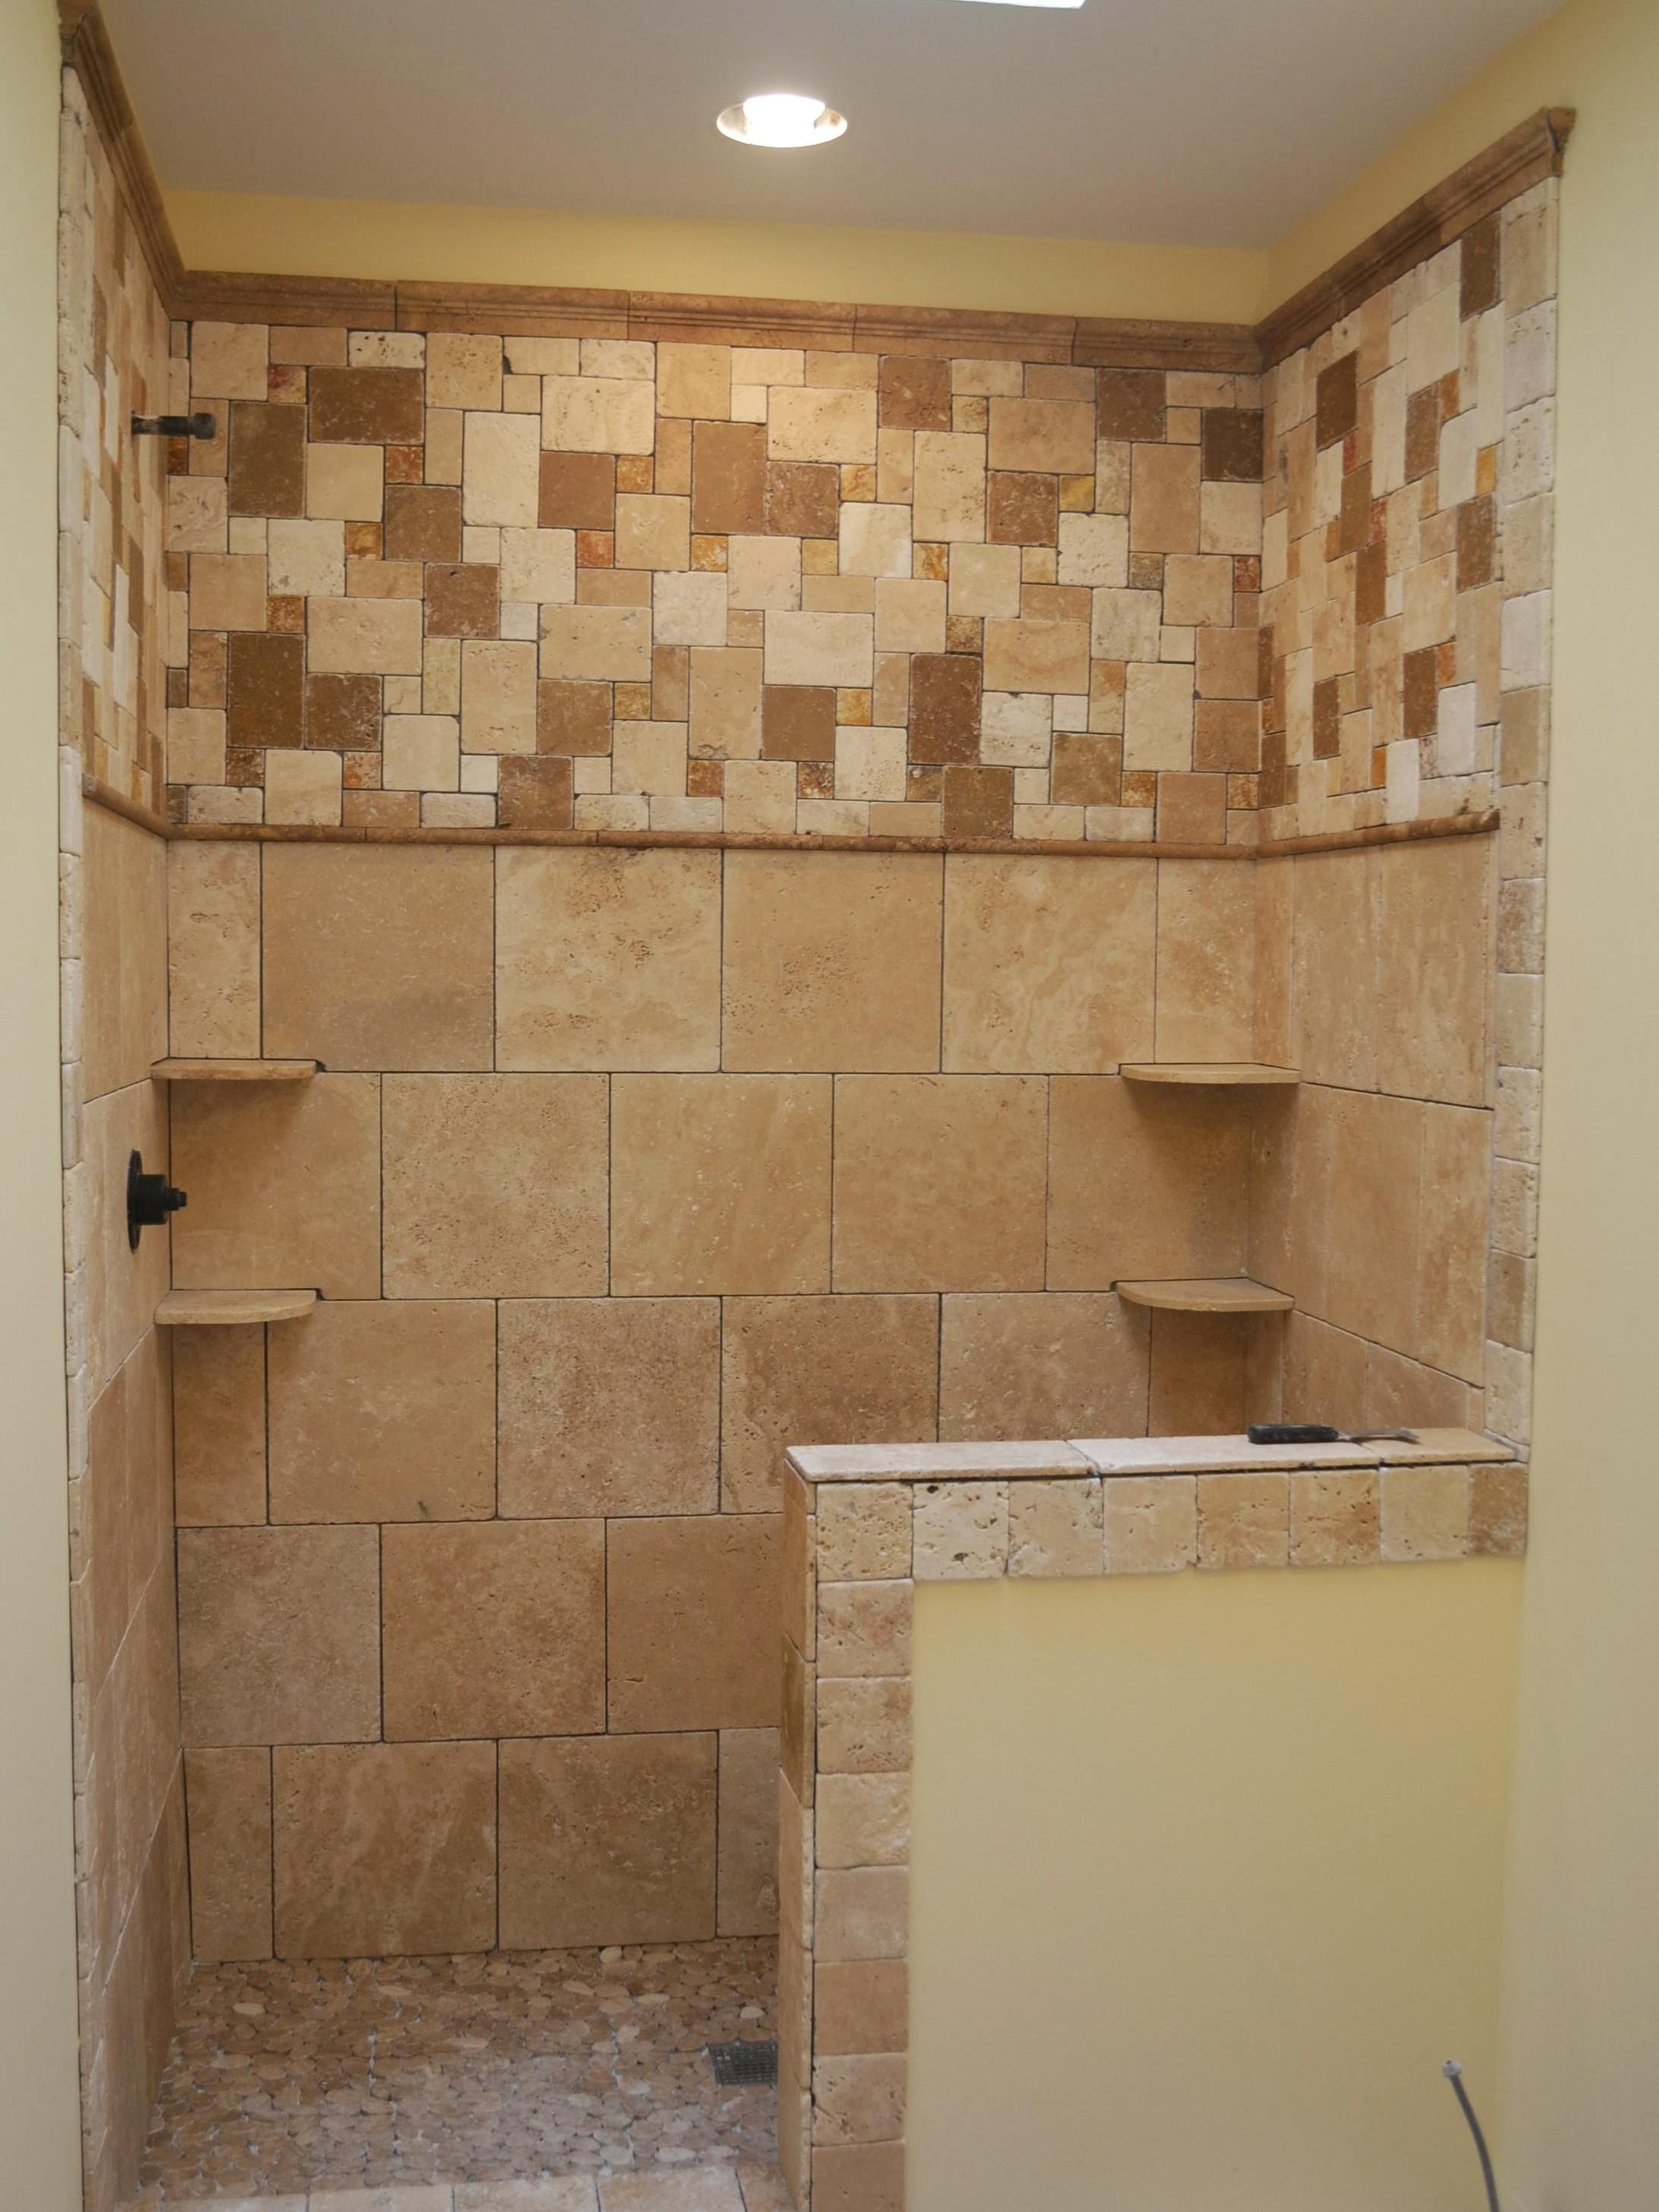 Cmo colocar azulejos en la pared de una ducha  Constru